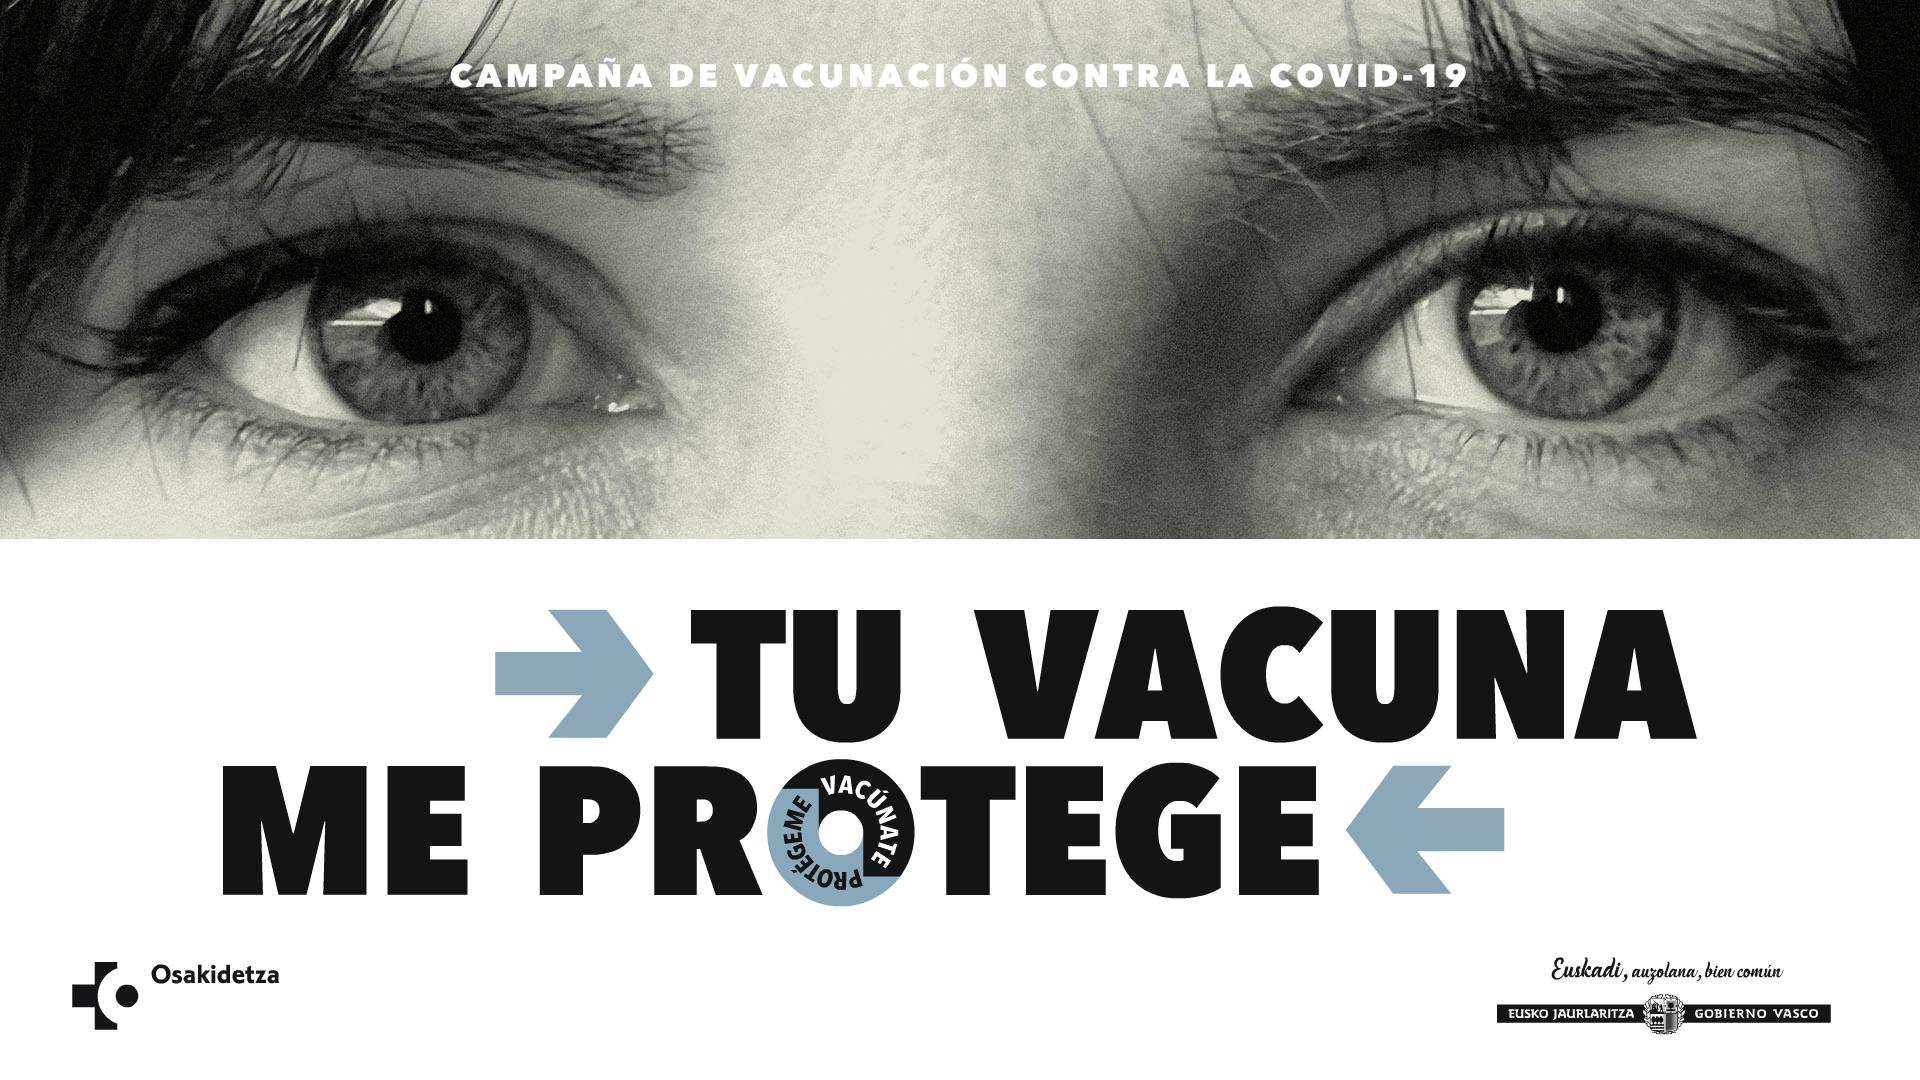 Campaña de vacunación contra la COVID-19 [0:15]